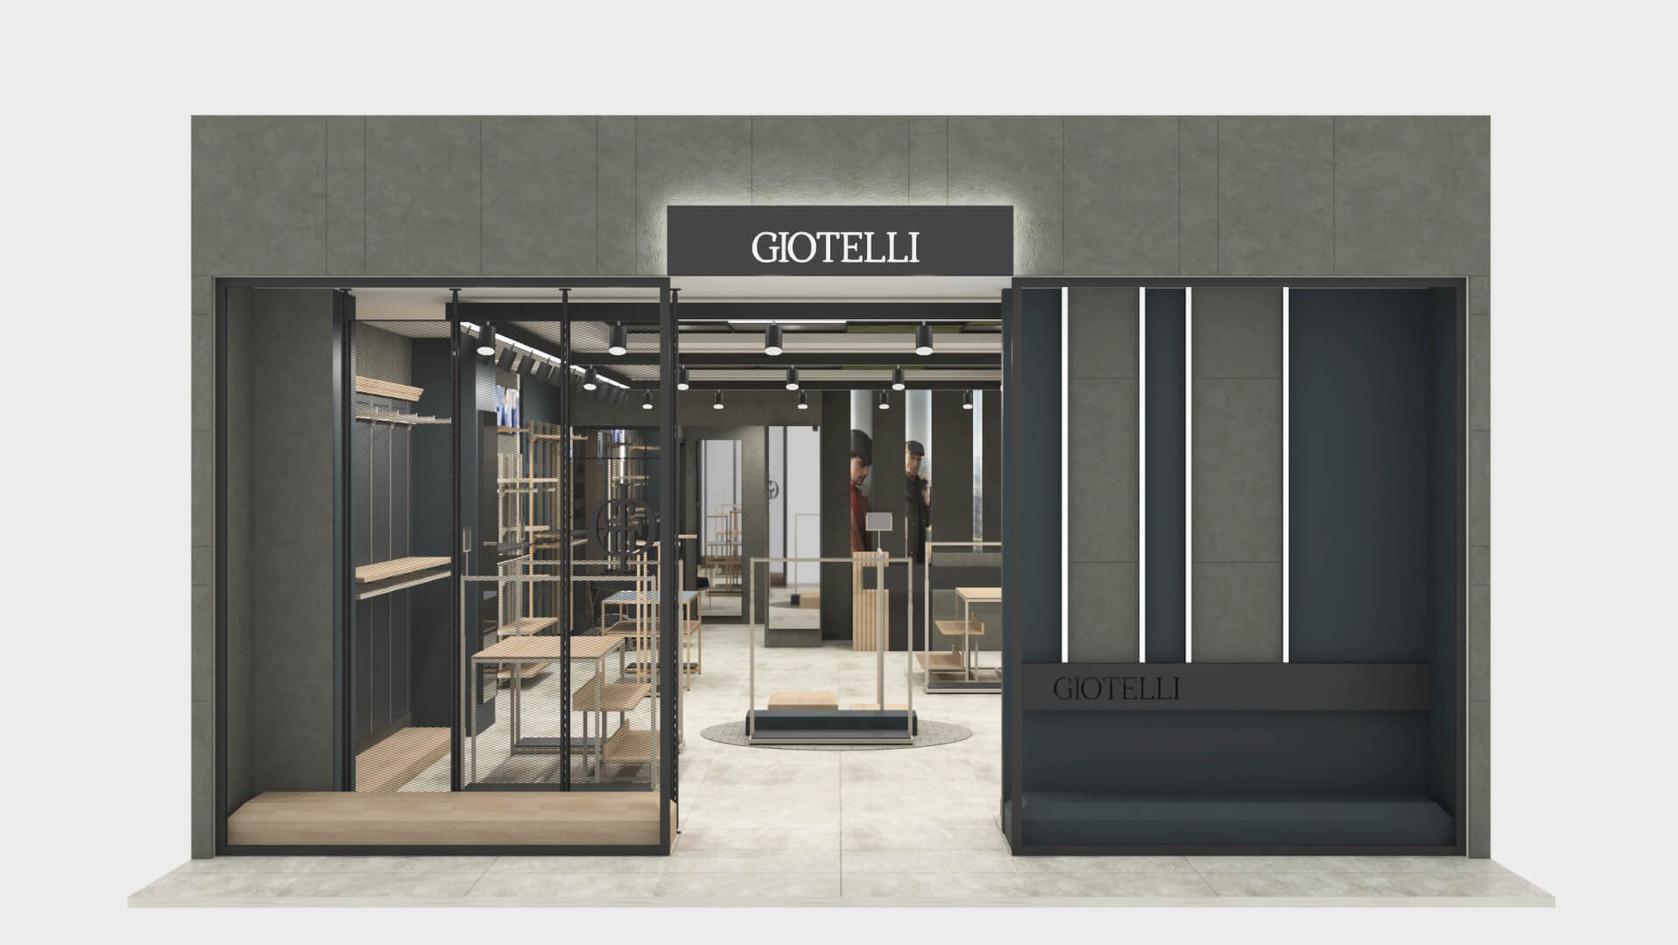 Giotelli - Fashion Store Shop Design